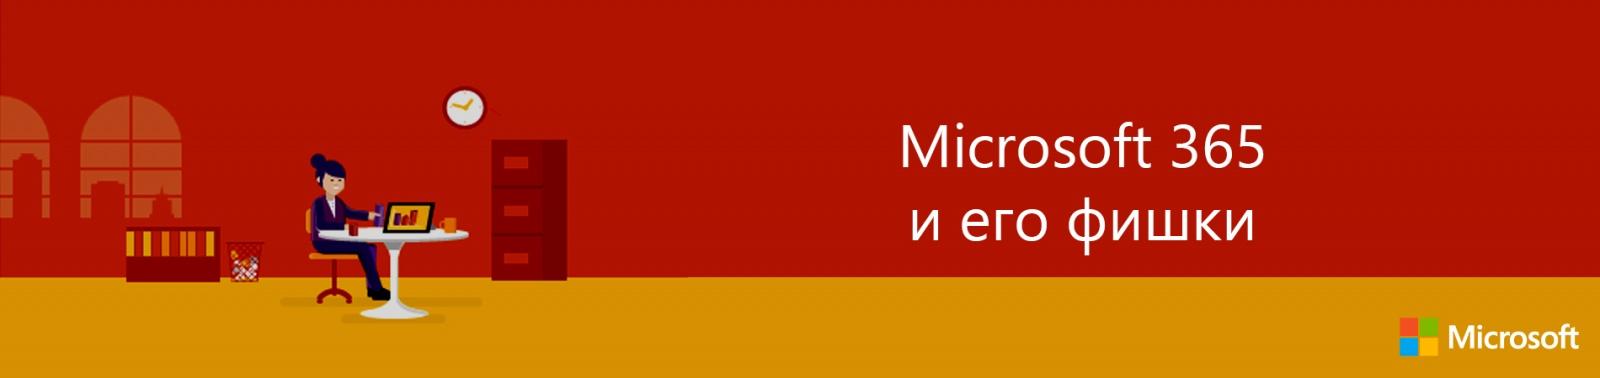 Microsoft 365 и его фишки - 1